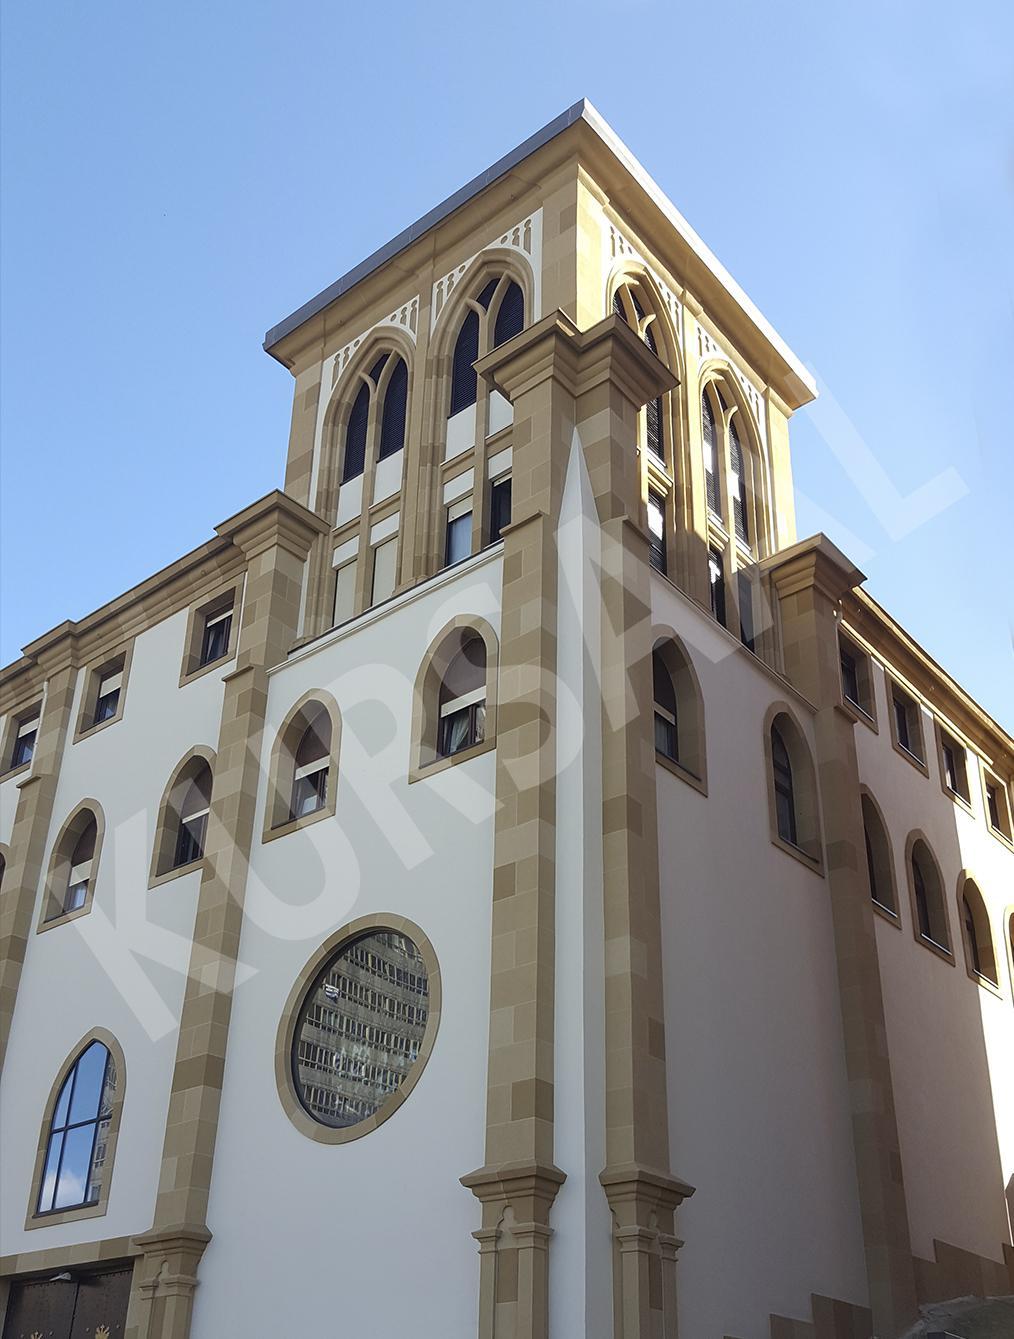 trabajo realizado en: Restauración y patrimonio-DONOSTIA-Convento-Iglesia Franciscanos - Duque de Mandas